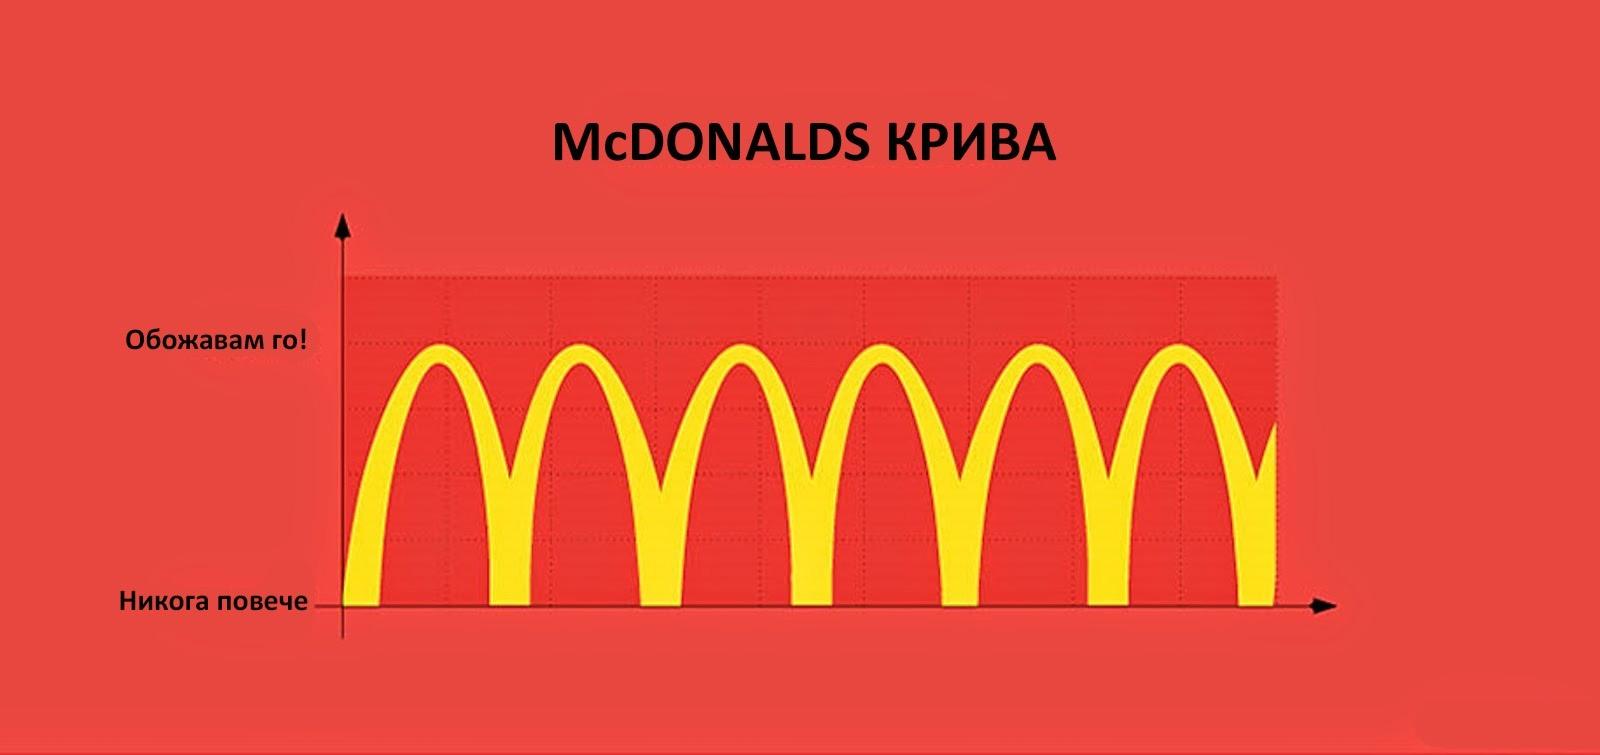 30 болезнени истини от ежедневието McDonalds крива